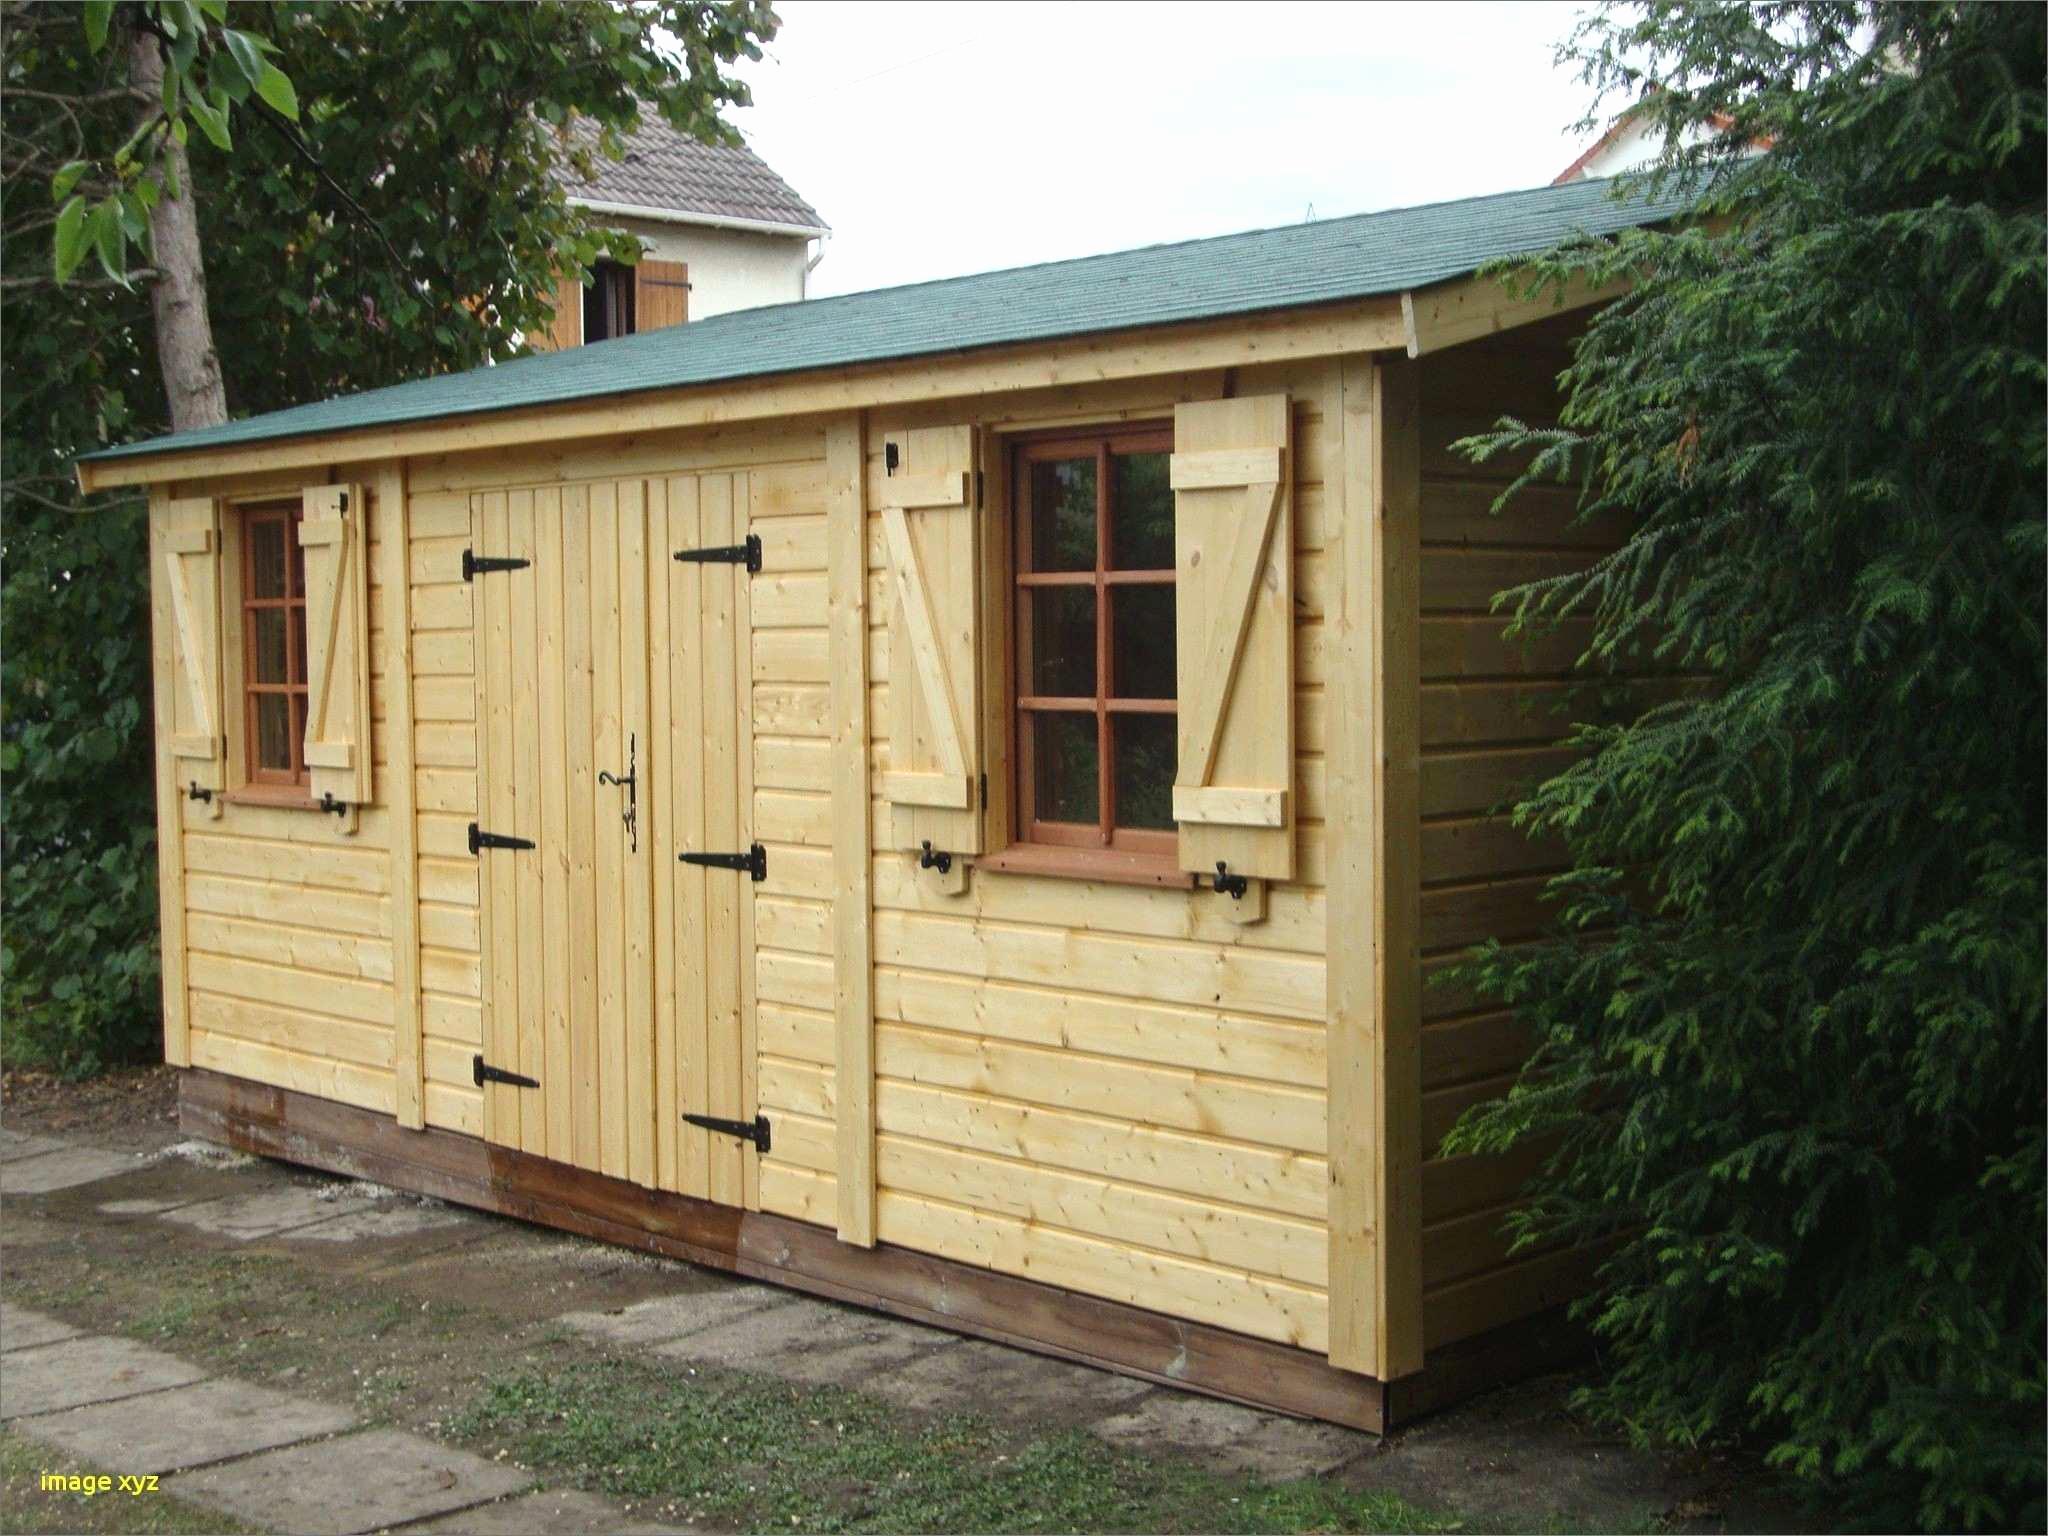 construire un toit terrasse impressionnant construire un garage en bois 20m2 lovely abri de jardin toit plat of construire un toit terrasse